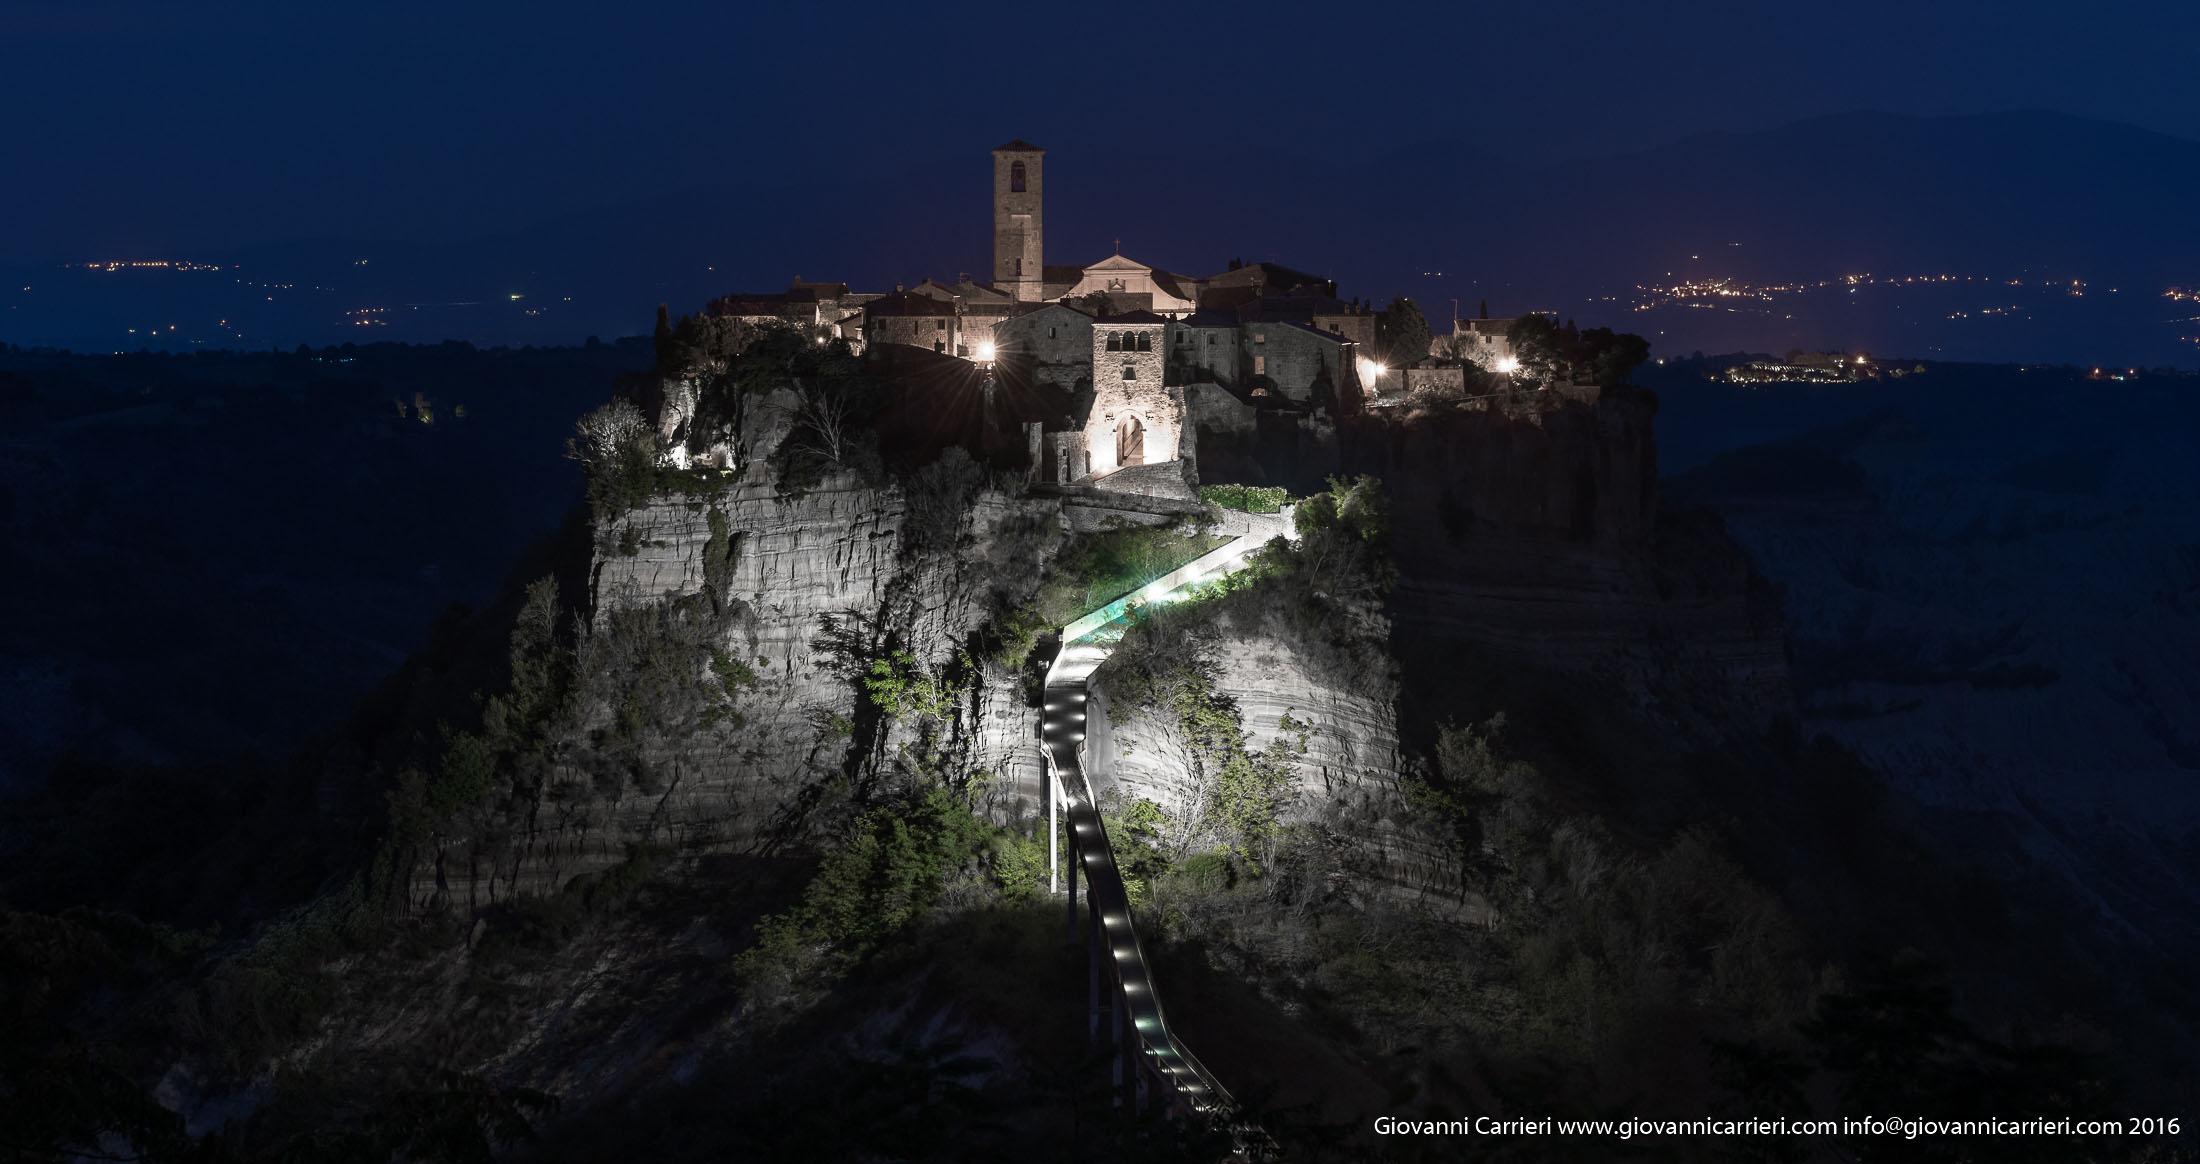 Vista notturna di Civita di Bagnoregio